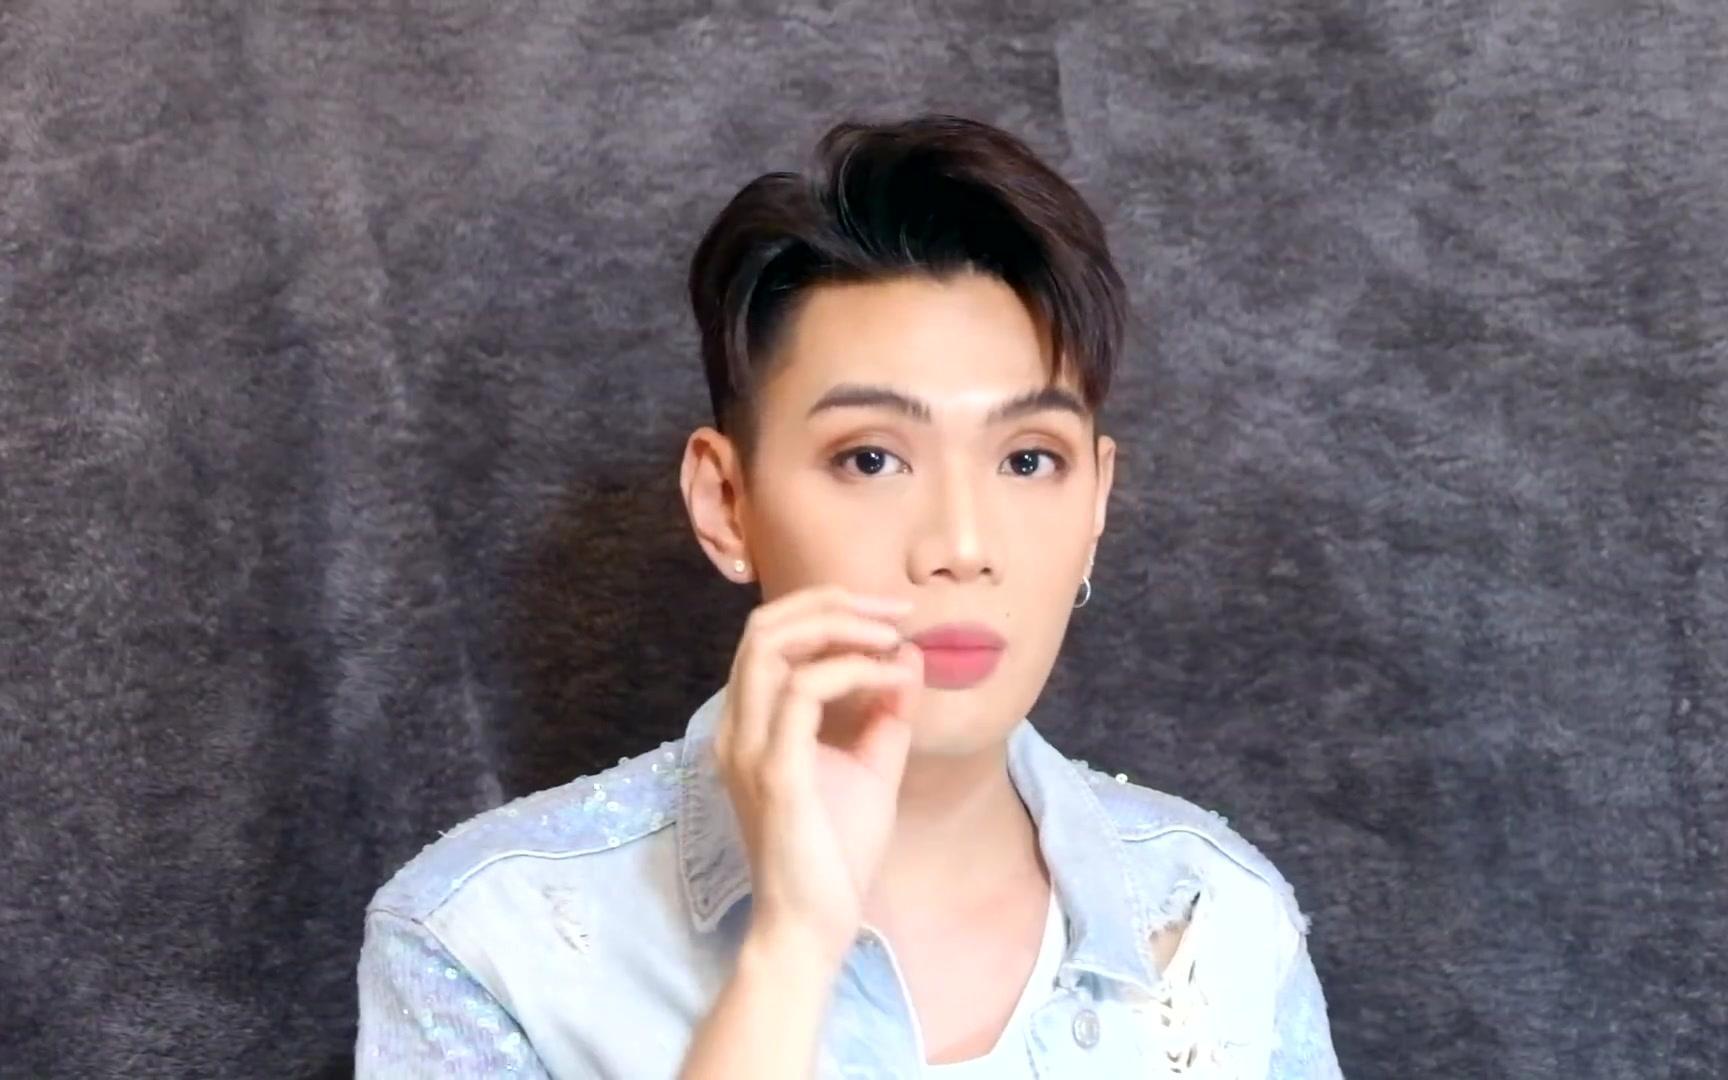 【越南美妆】美颜小哥教您嘴唇护理+涂好唇膏的小撇步 |